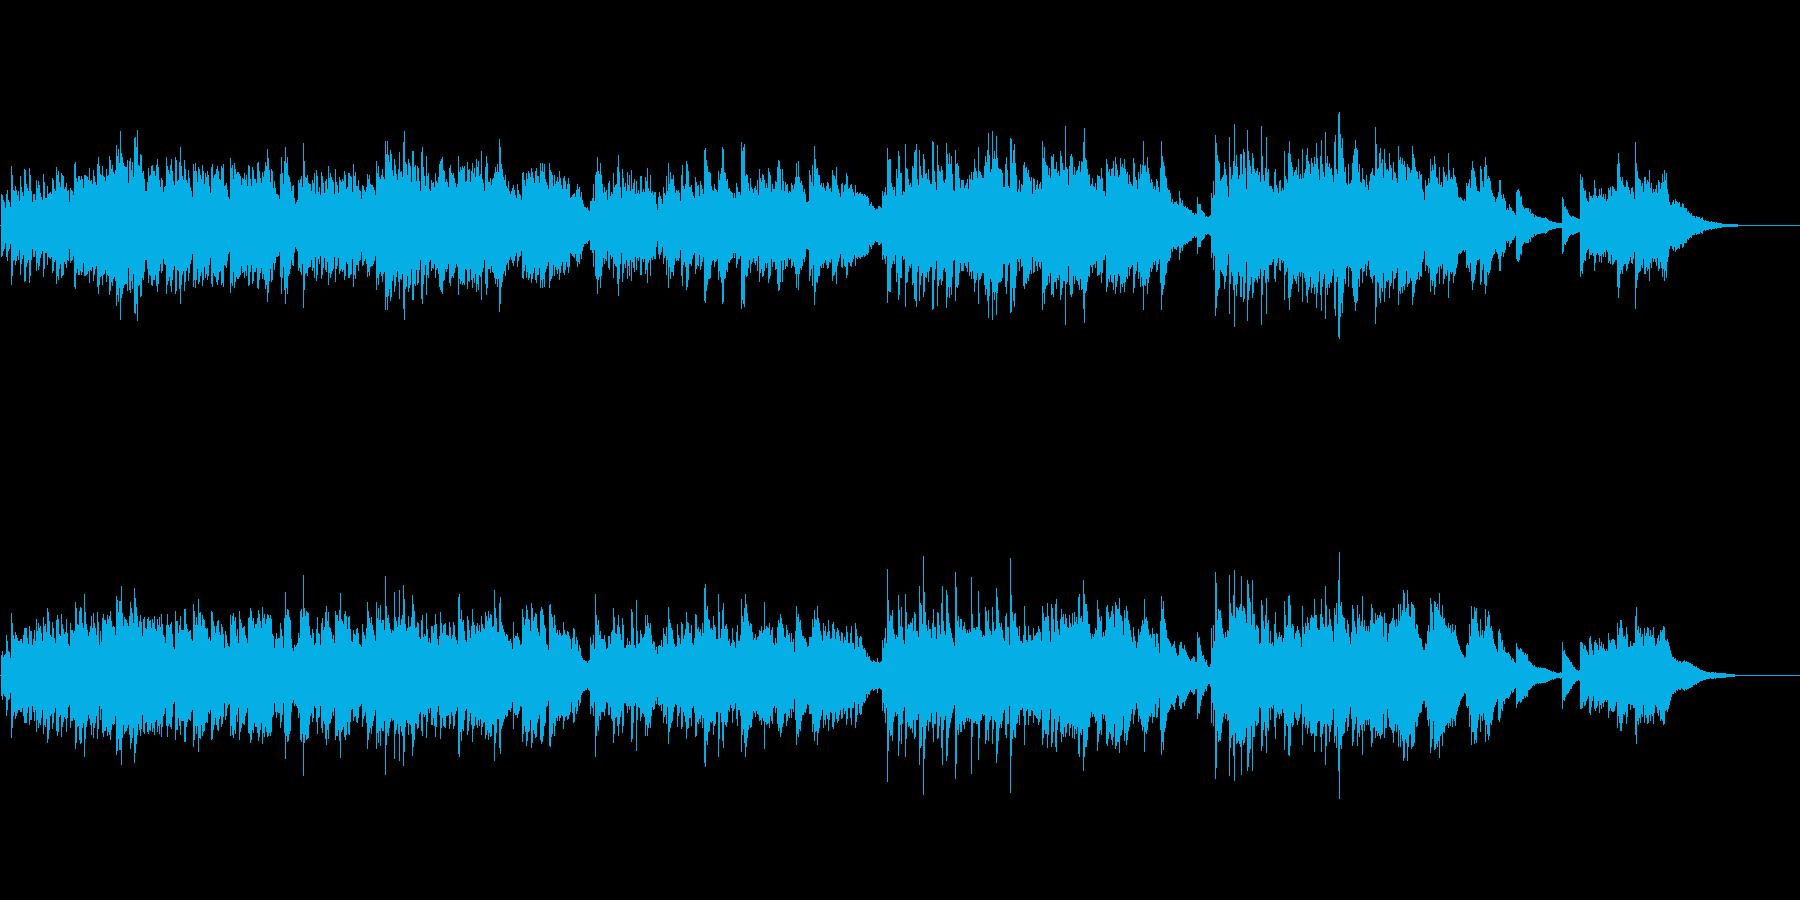 バラード調癒し系ピアノBGMの再生済みの波形